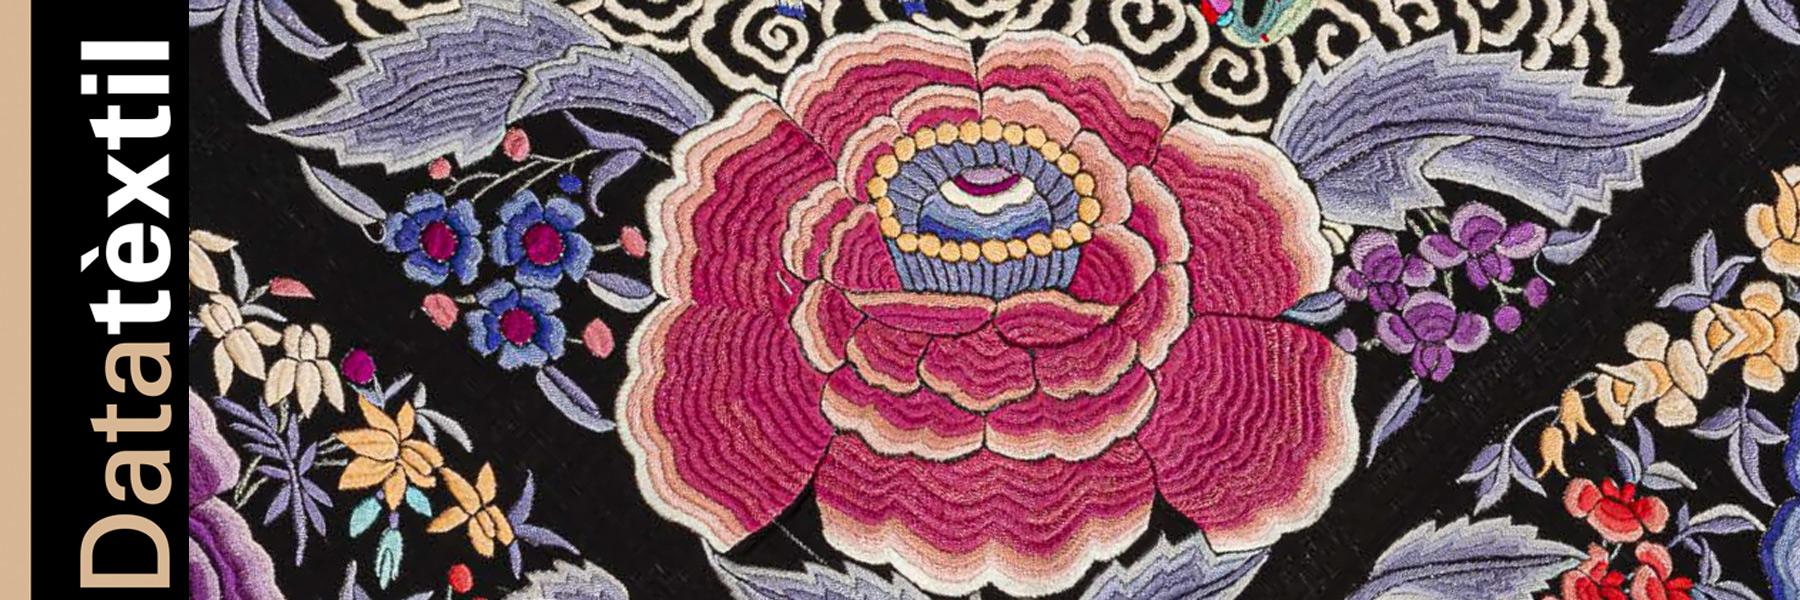 Imatge detall portada Datatèxtil 41.